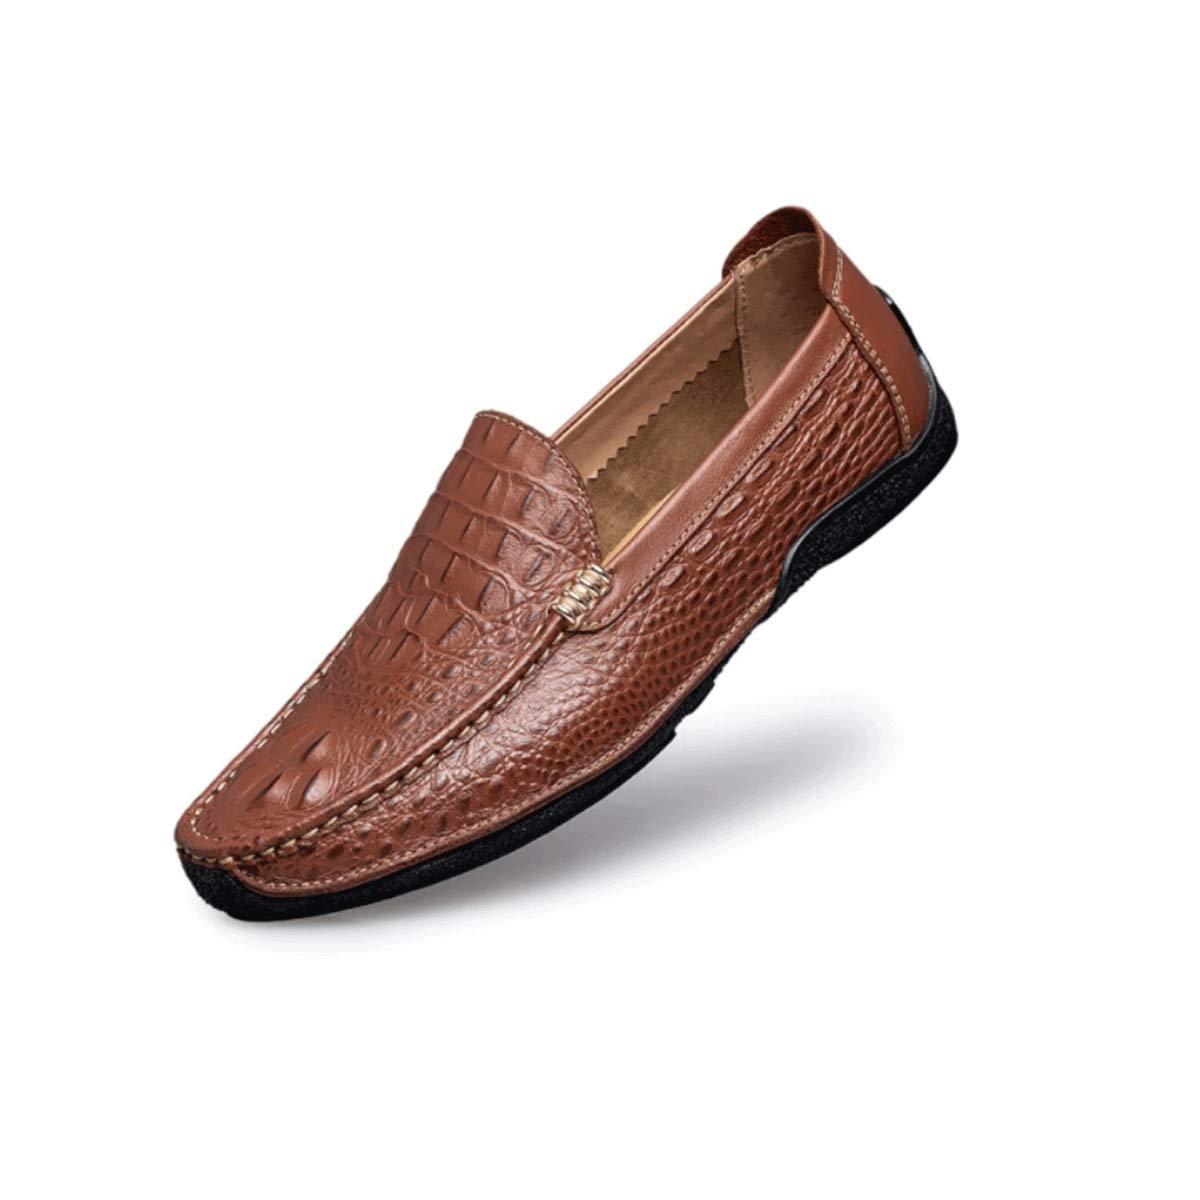 marron 37EU MUZIWENJU Chaussures de Sport for Hommes, Chaussures de Conduite en Cuir à Surface Souple, Chaussures de Sport à Talons Plats, Chaussures de Sport Tout Confort en Cuir, (Trois Couleurs en Option)